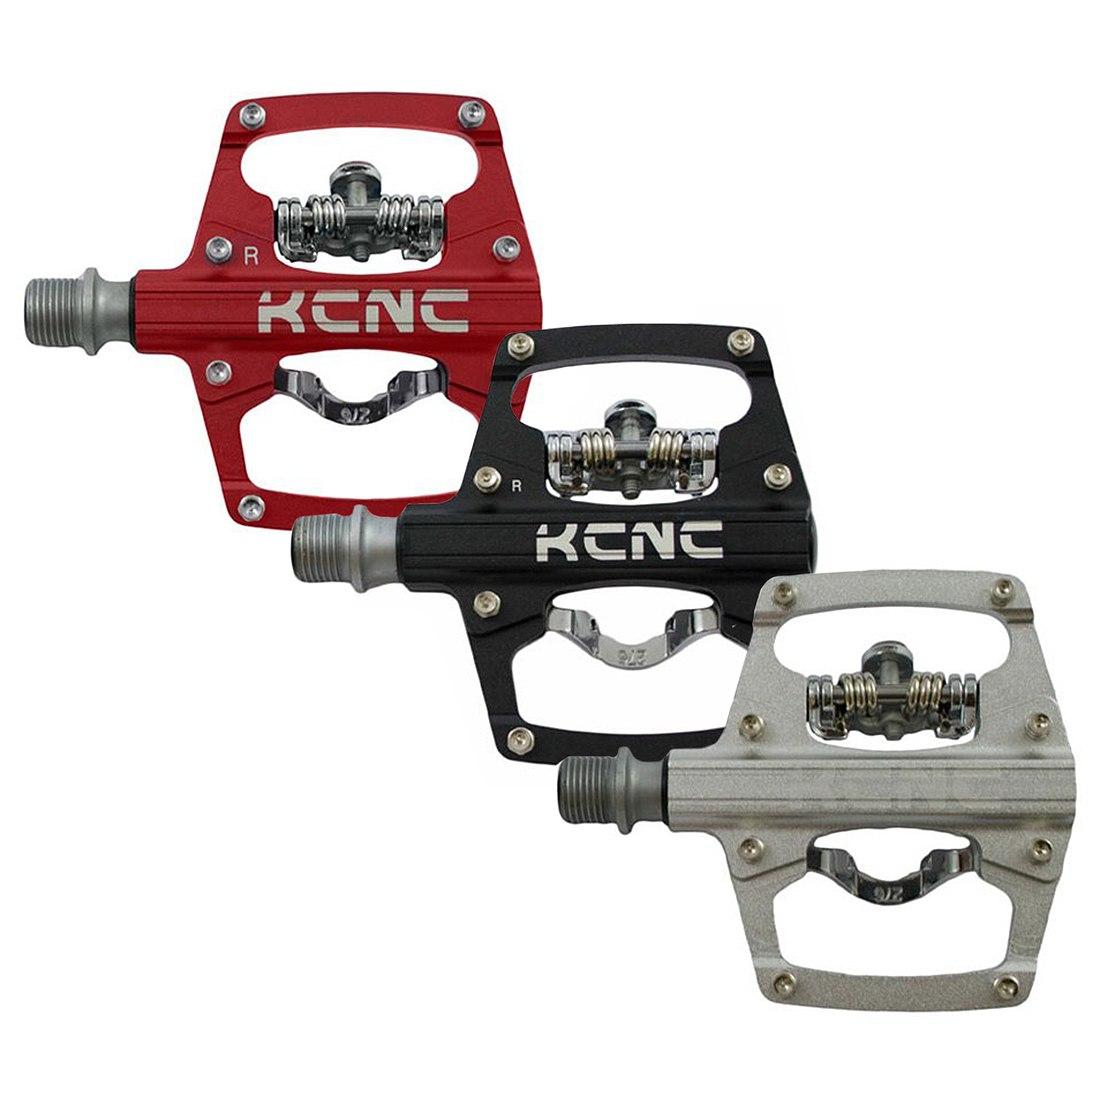 Bild von KCNC AM TRAP-TI Clipless Pedal mit Titanachse